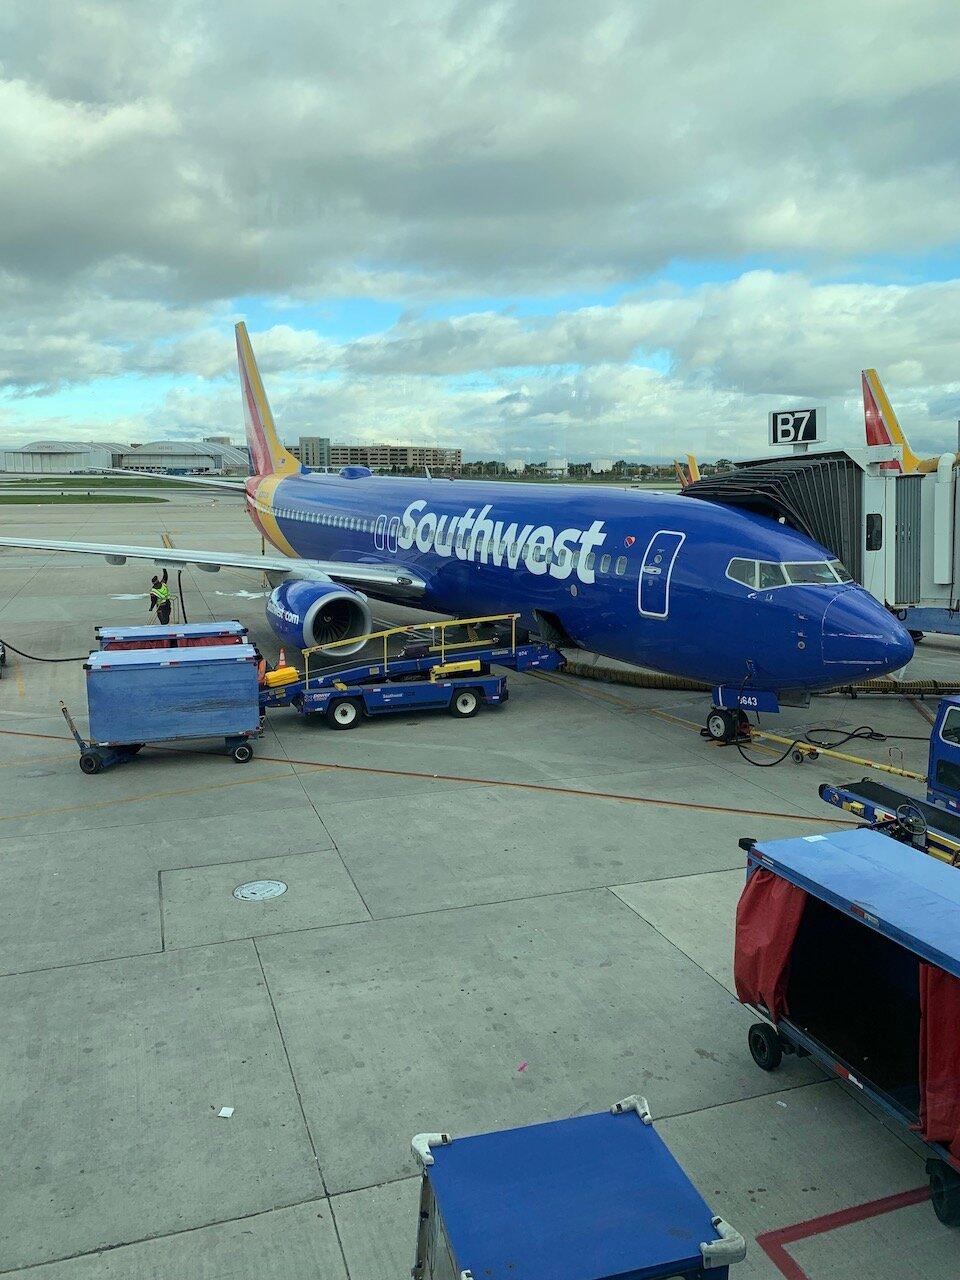 southwest plane.jpeg